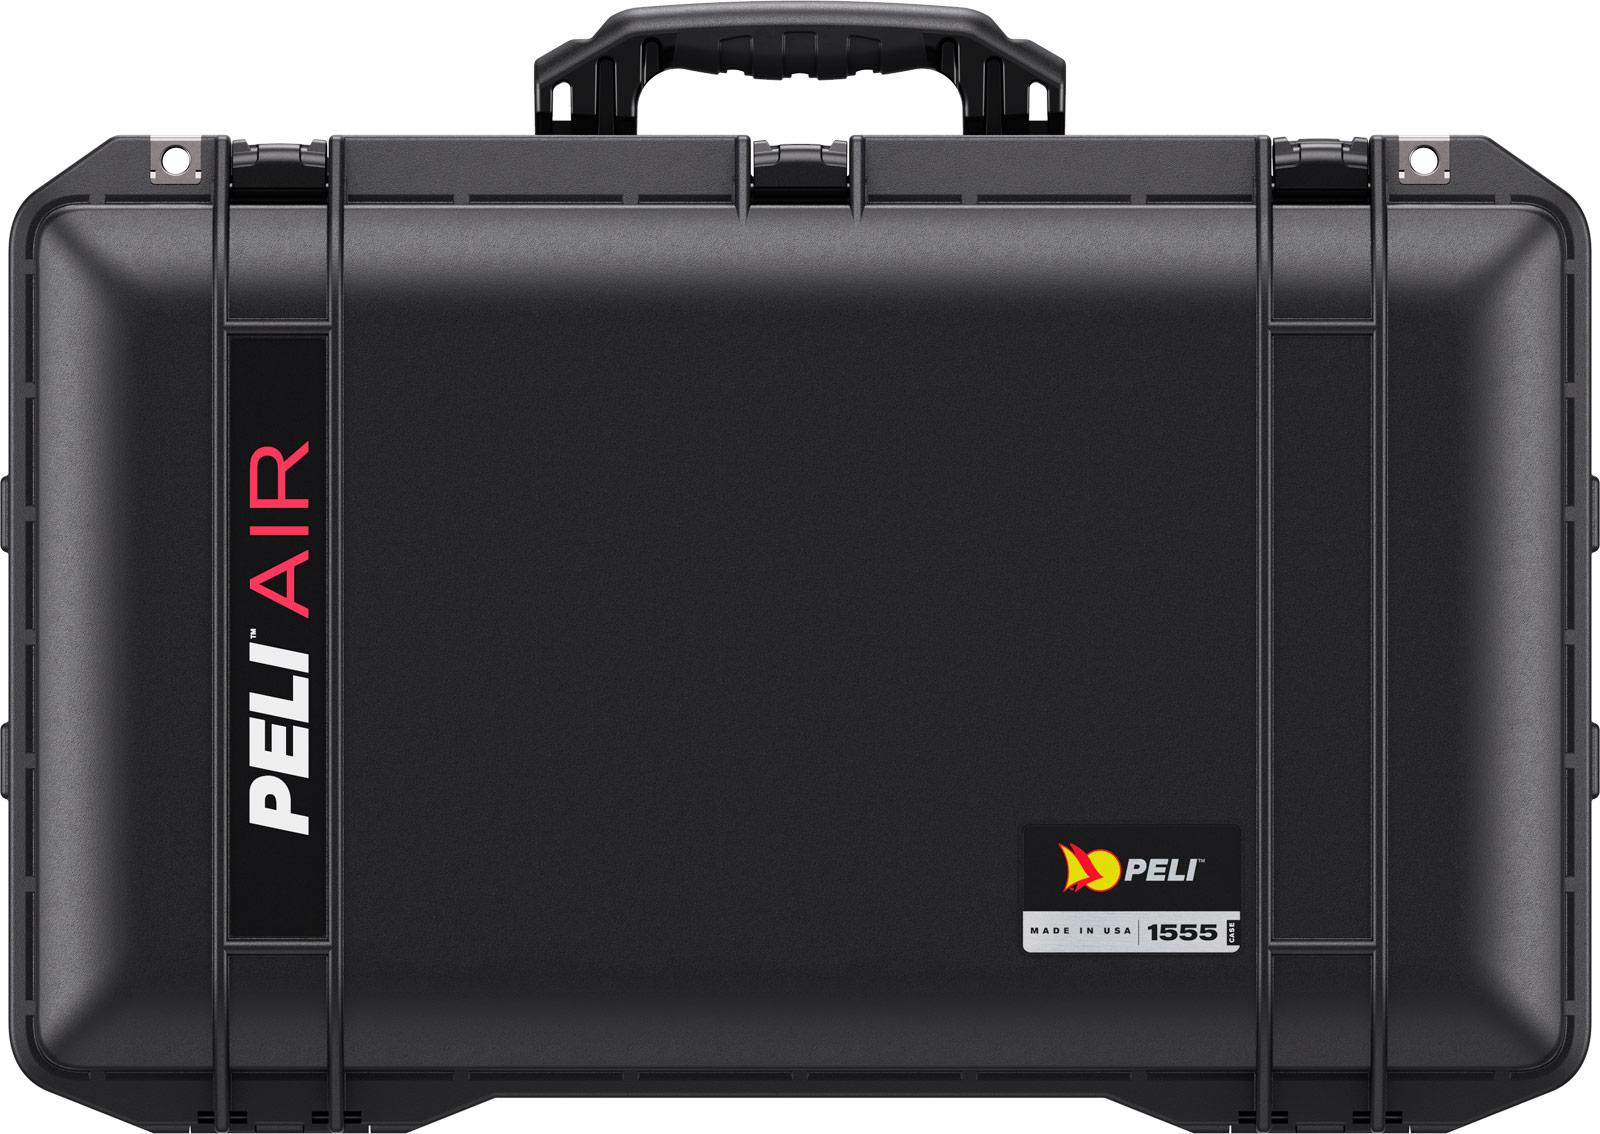 peli air case black 1555 watertight cases